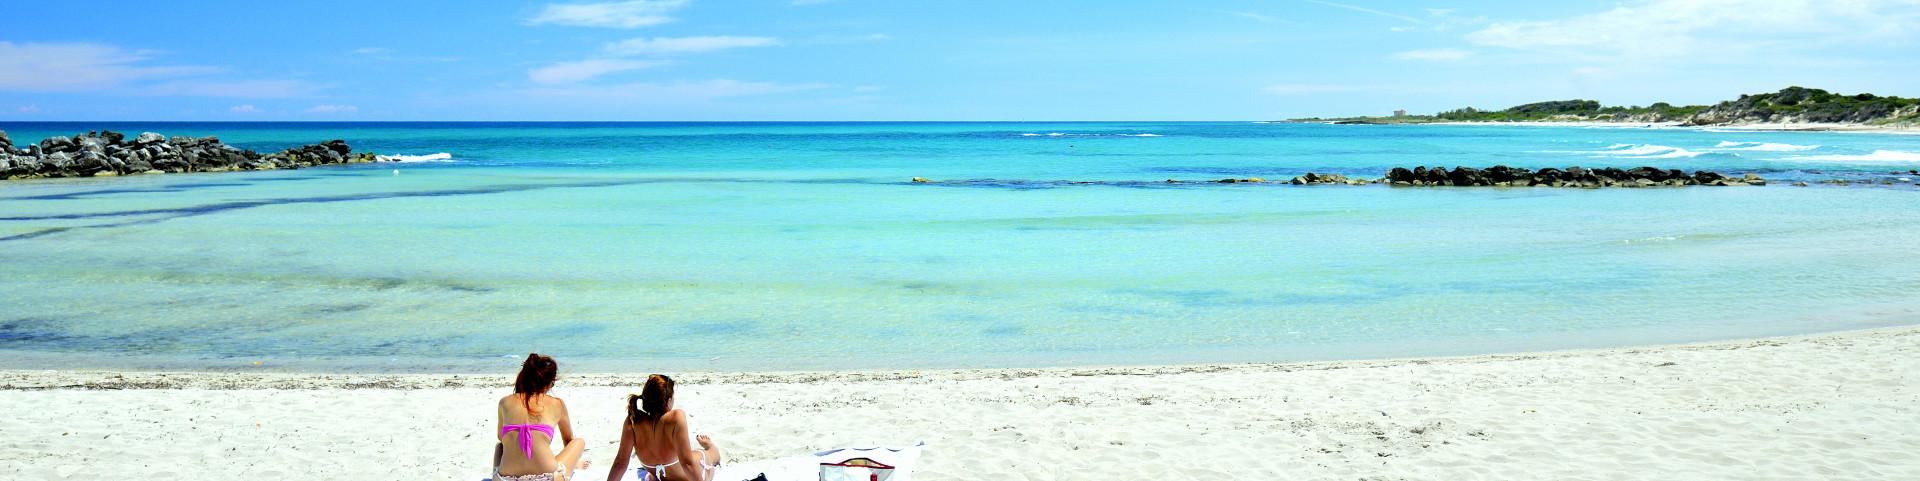 nejbližší pláž Carivigno